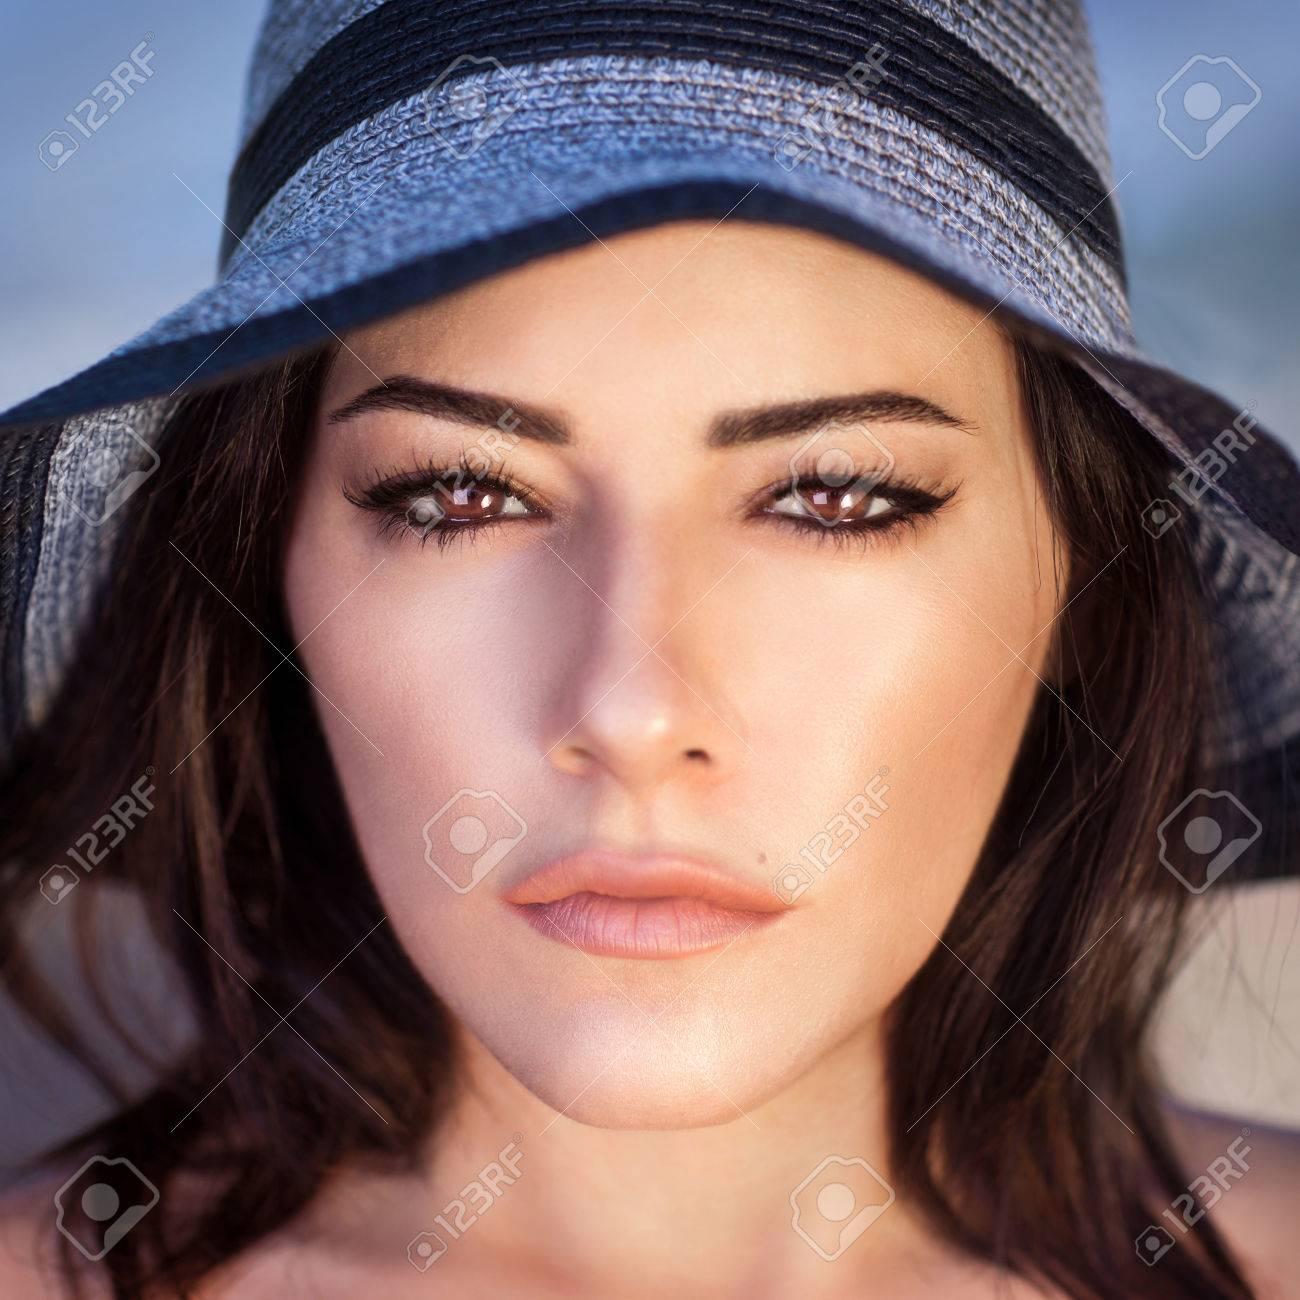 Nahaufnahmeportrait Des Herrlichen Schone Arabische Frau Mit